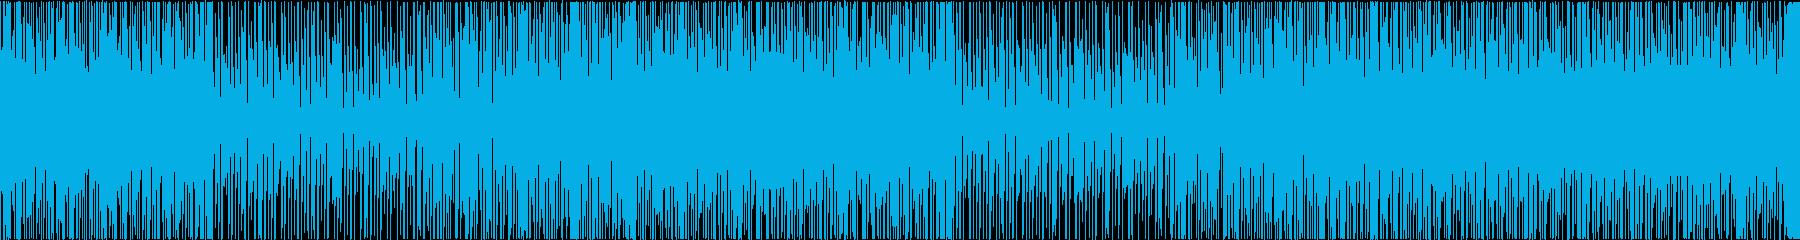 明るく爽やかなループBGMの再生済みの波形